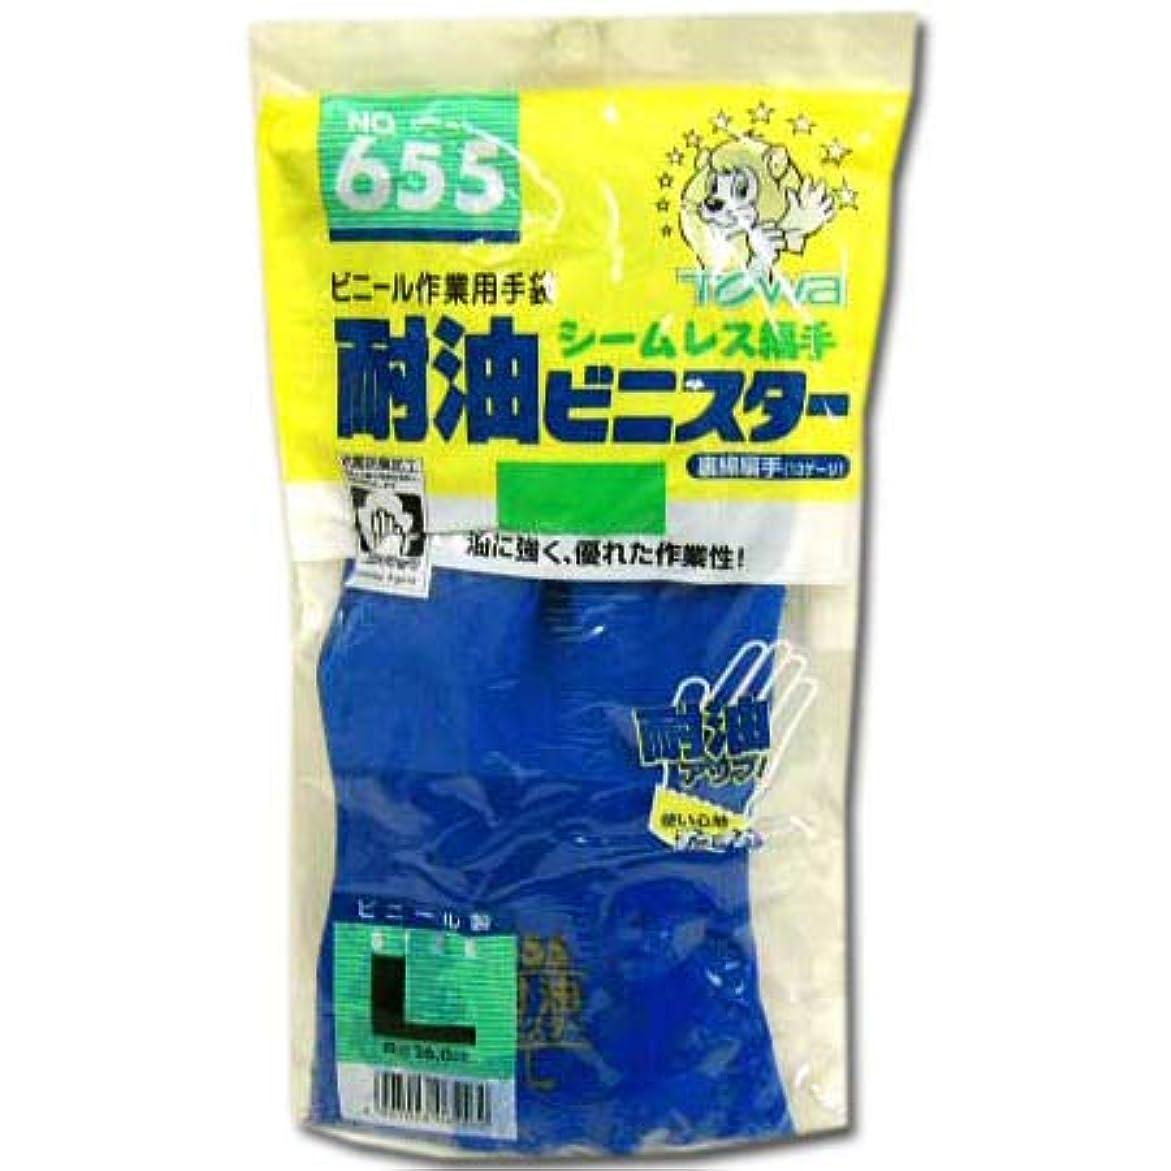 追うバックグラウンド銀ビニール手袋 耐油ビニスター 作業用手袋